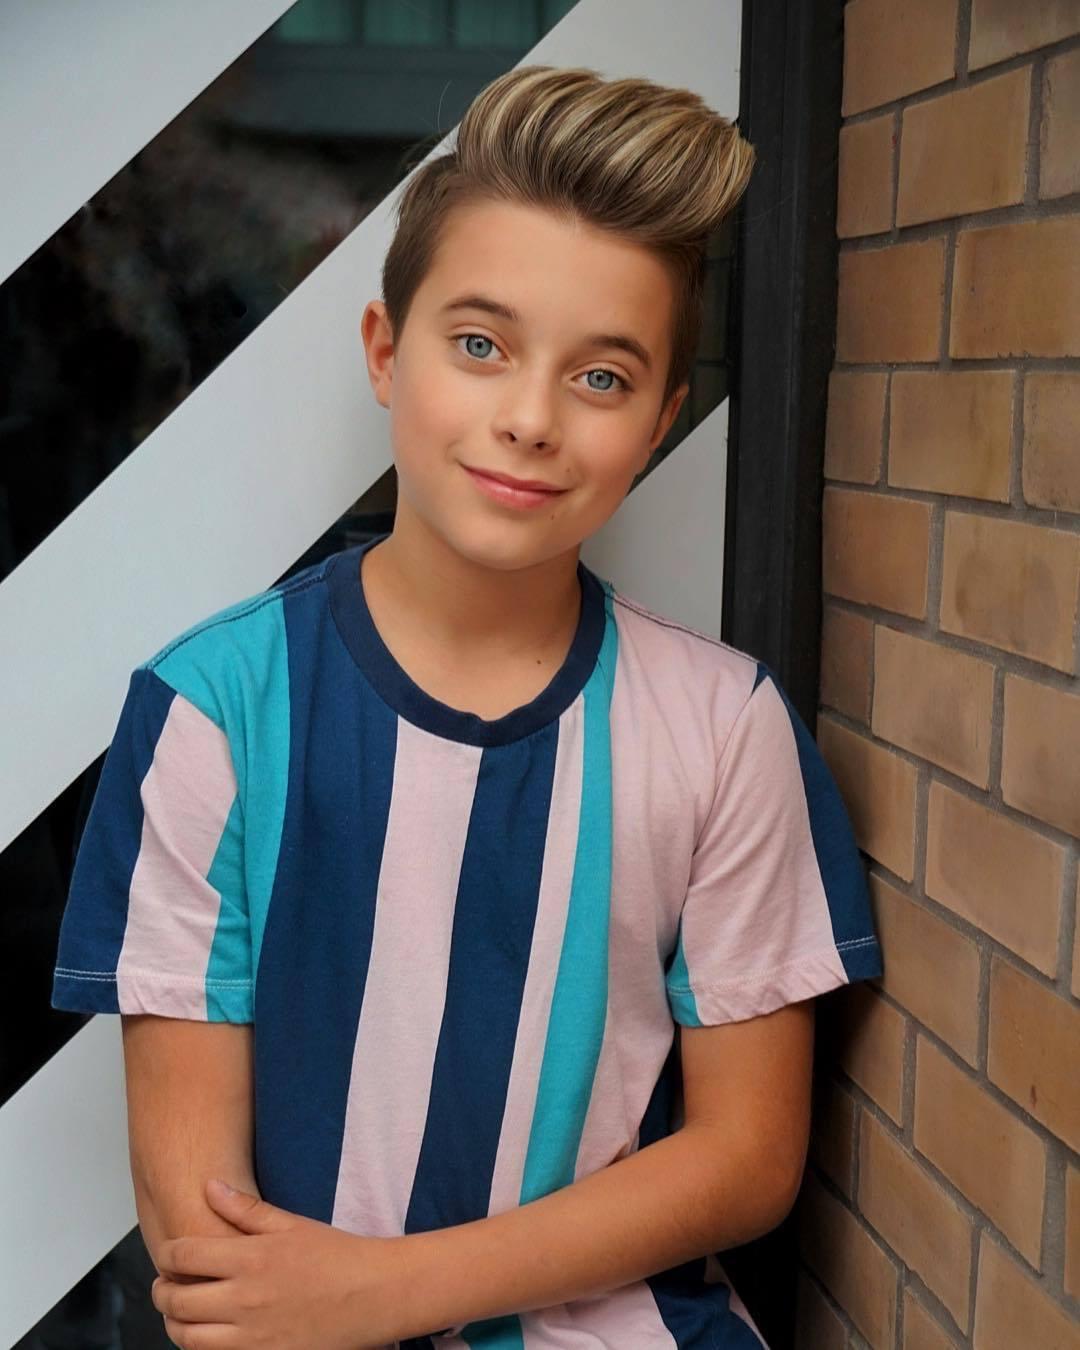 Gavin 9